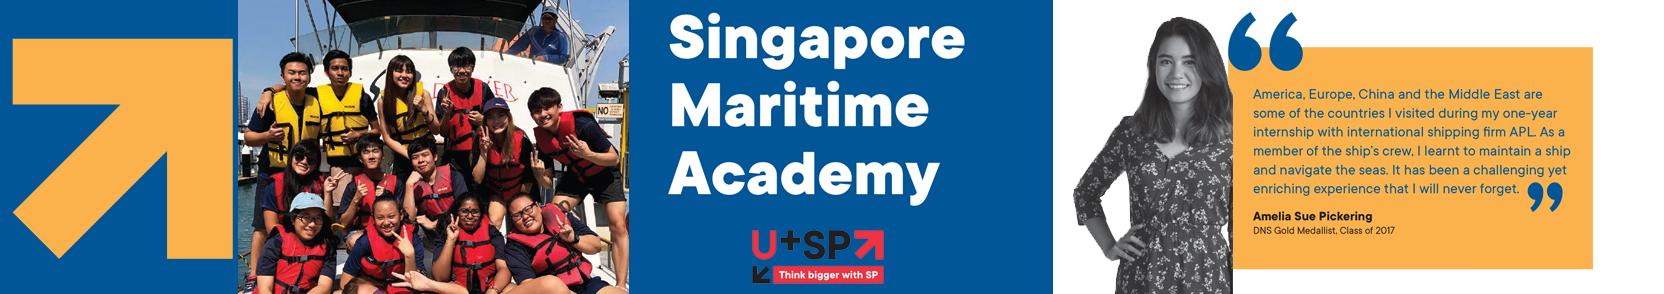 Singapore Maritime Academy (SMA).